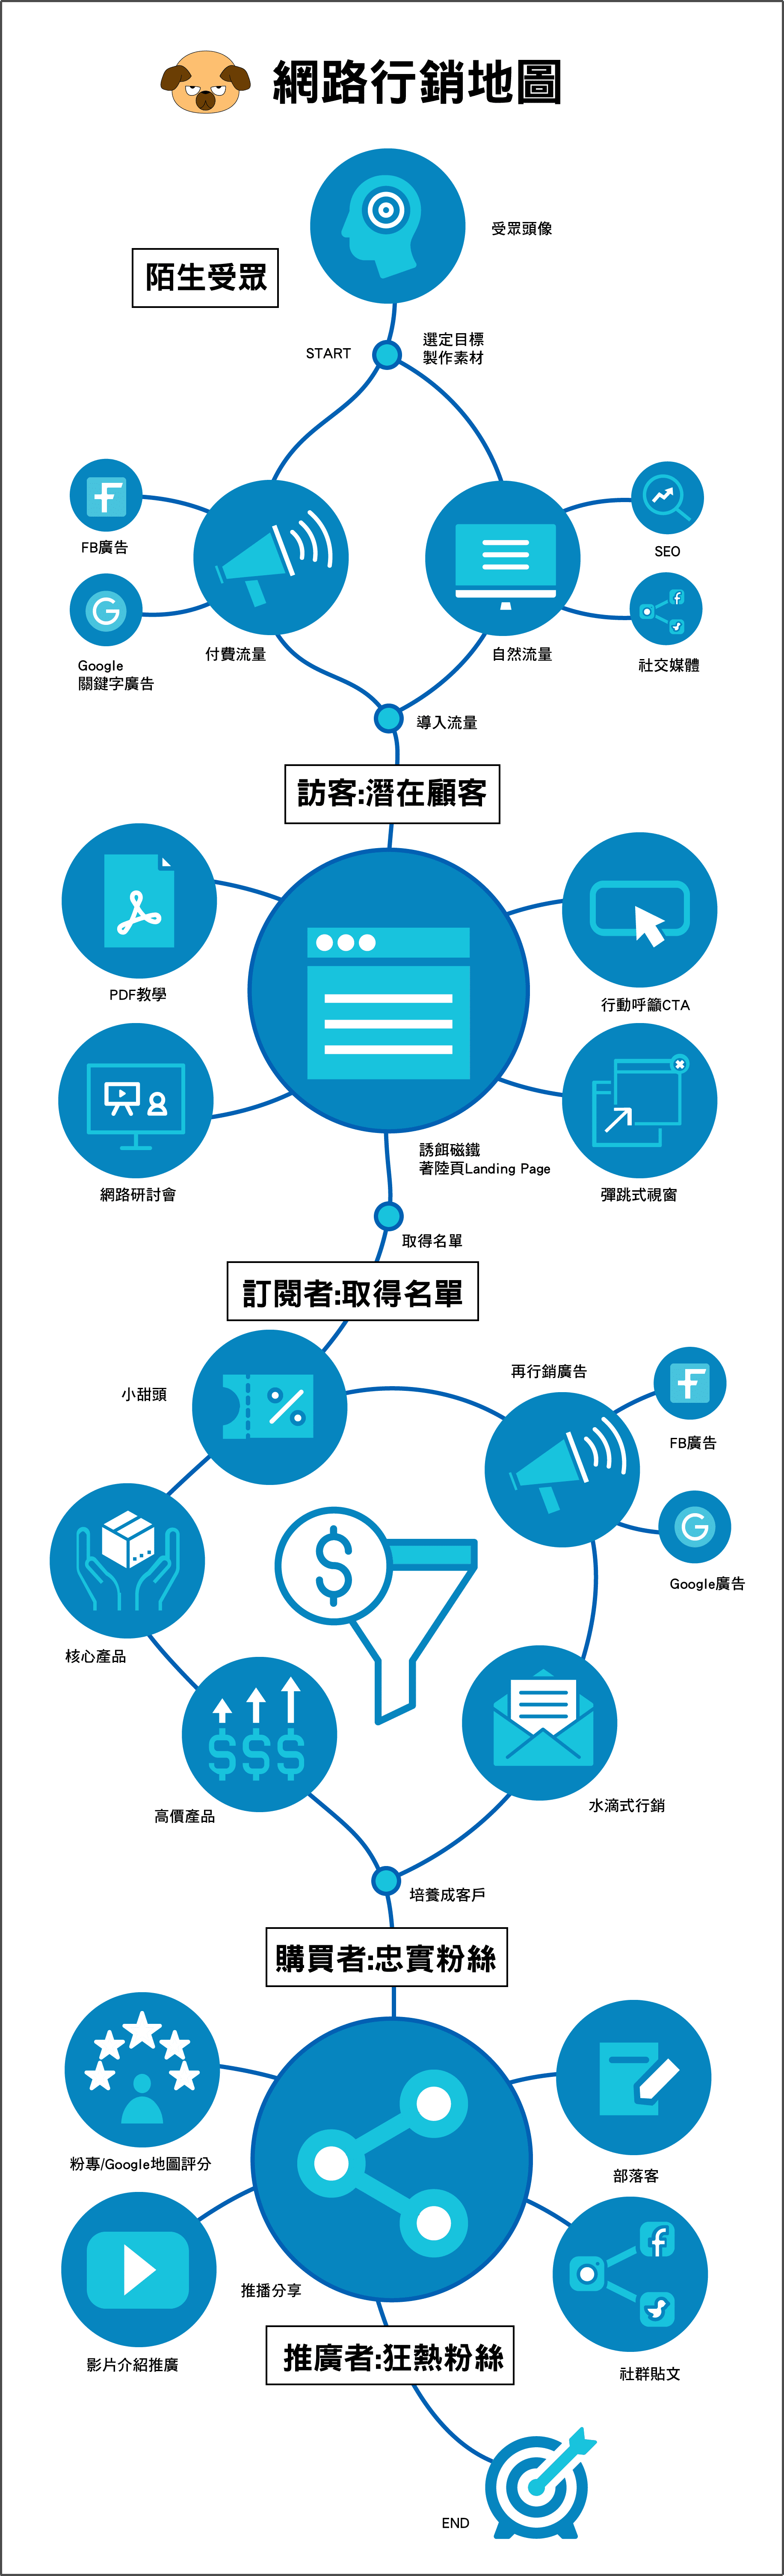 網路行銷流程地圖 2